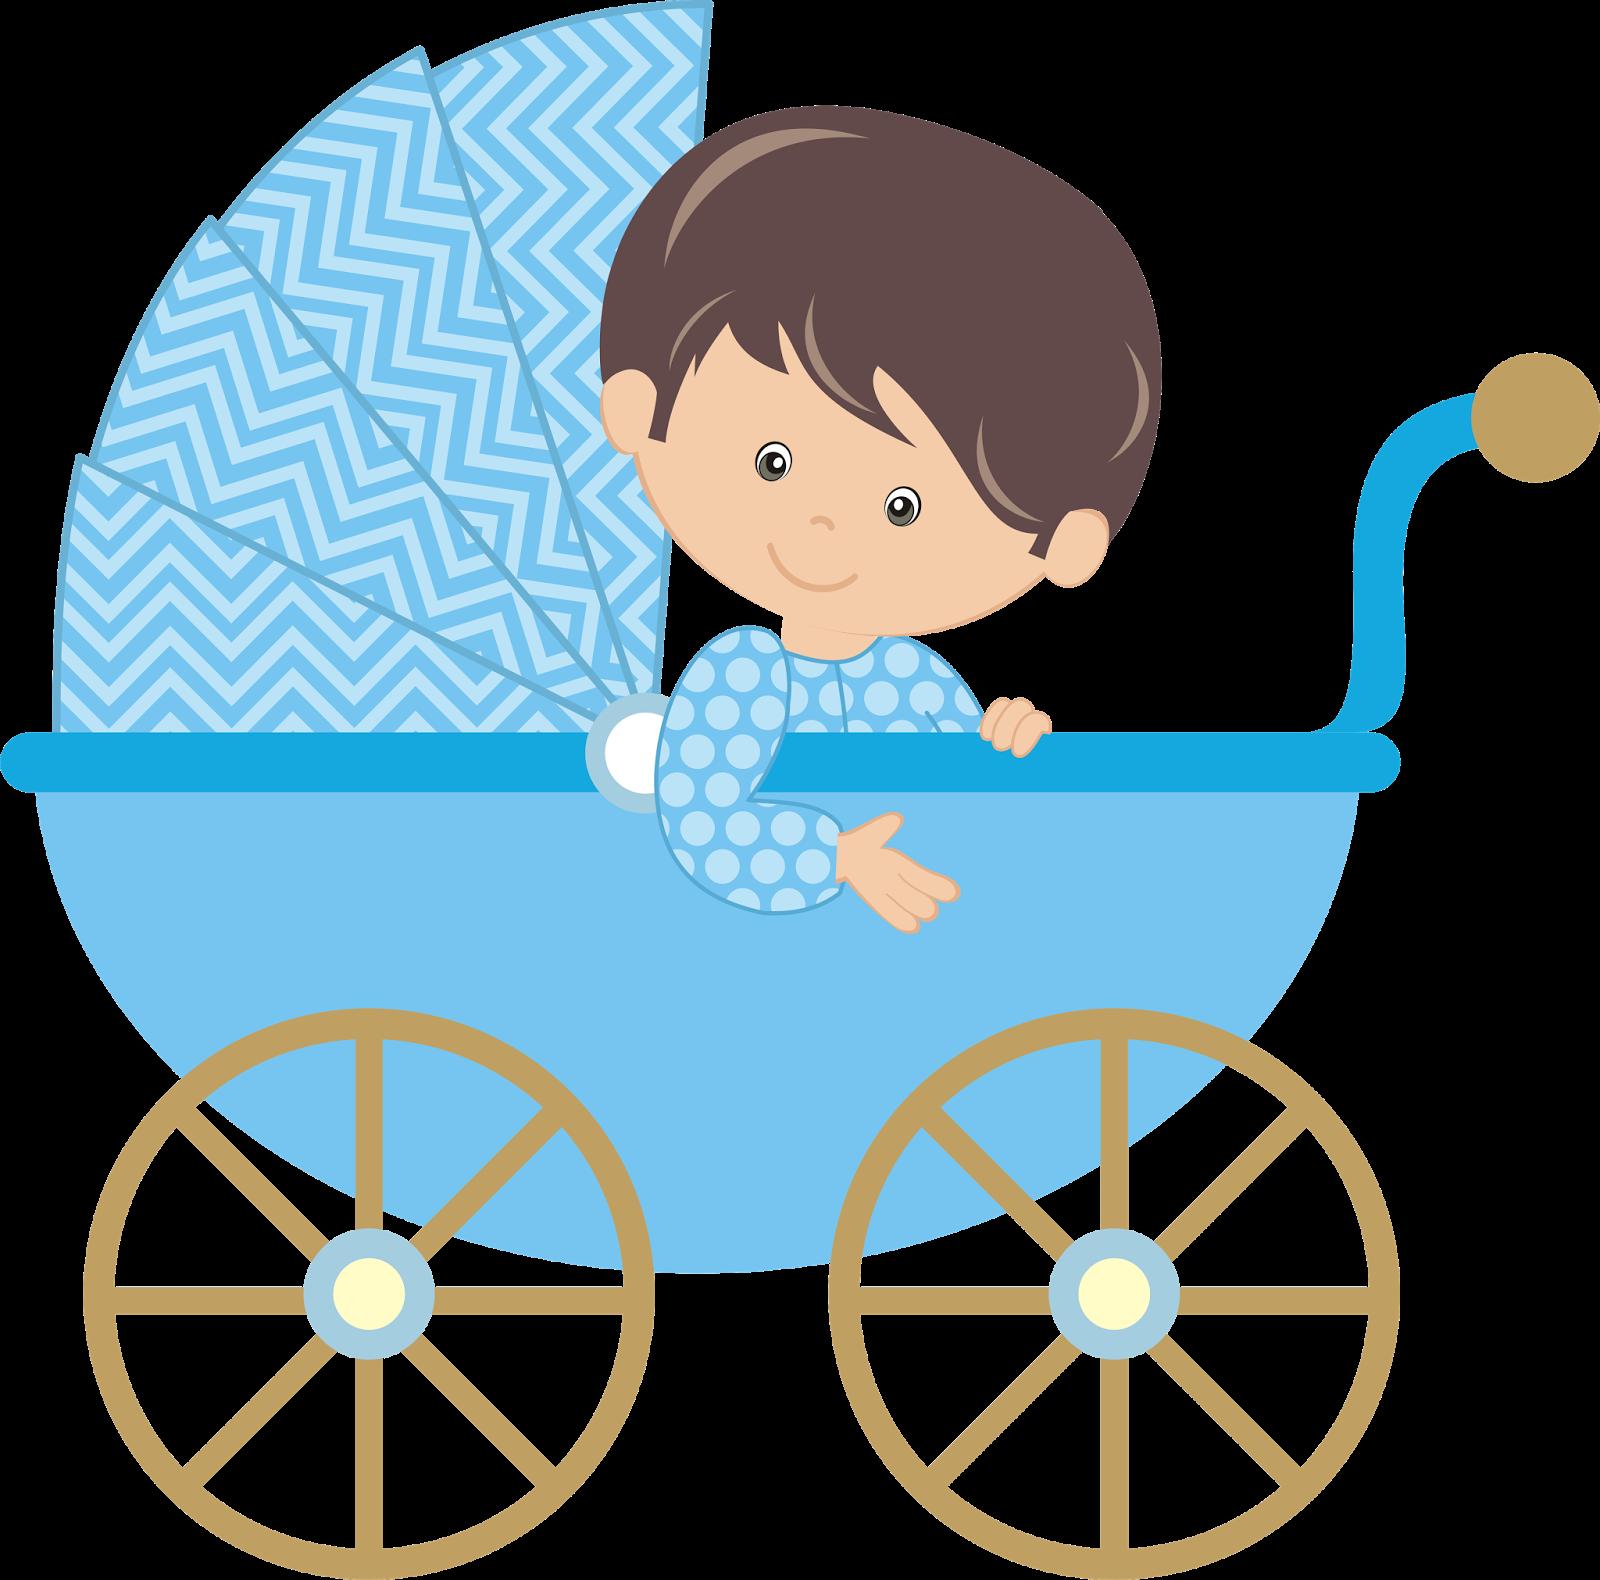 Suficiente Pin de leyde medrado em Baby carrinho | Pinterest | Bebês, Chás de  UF38